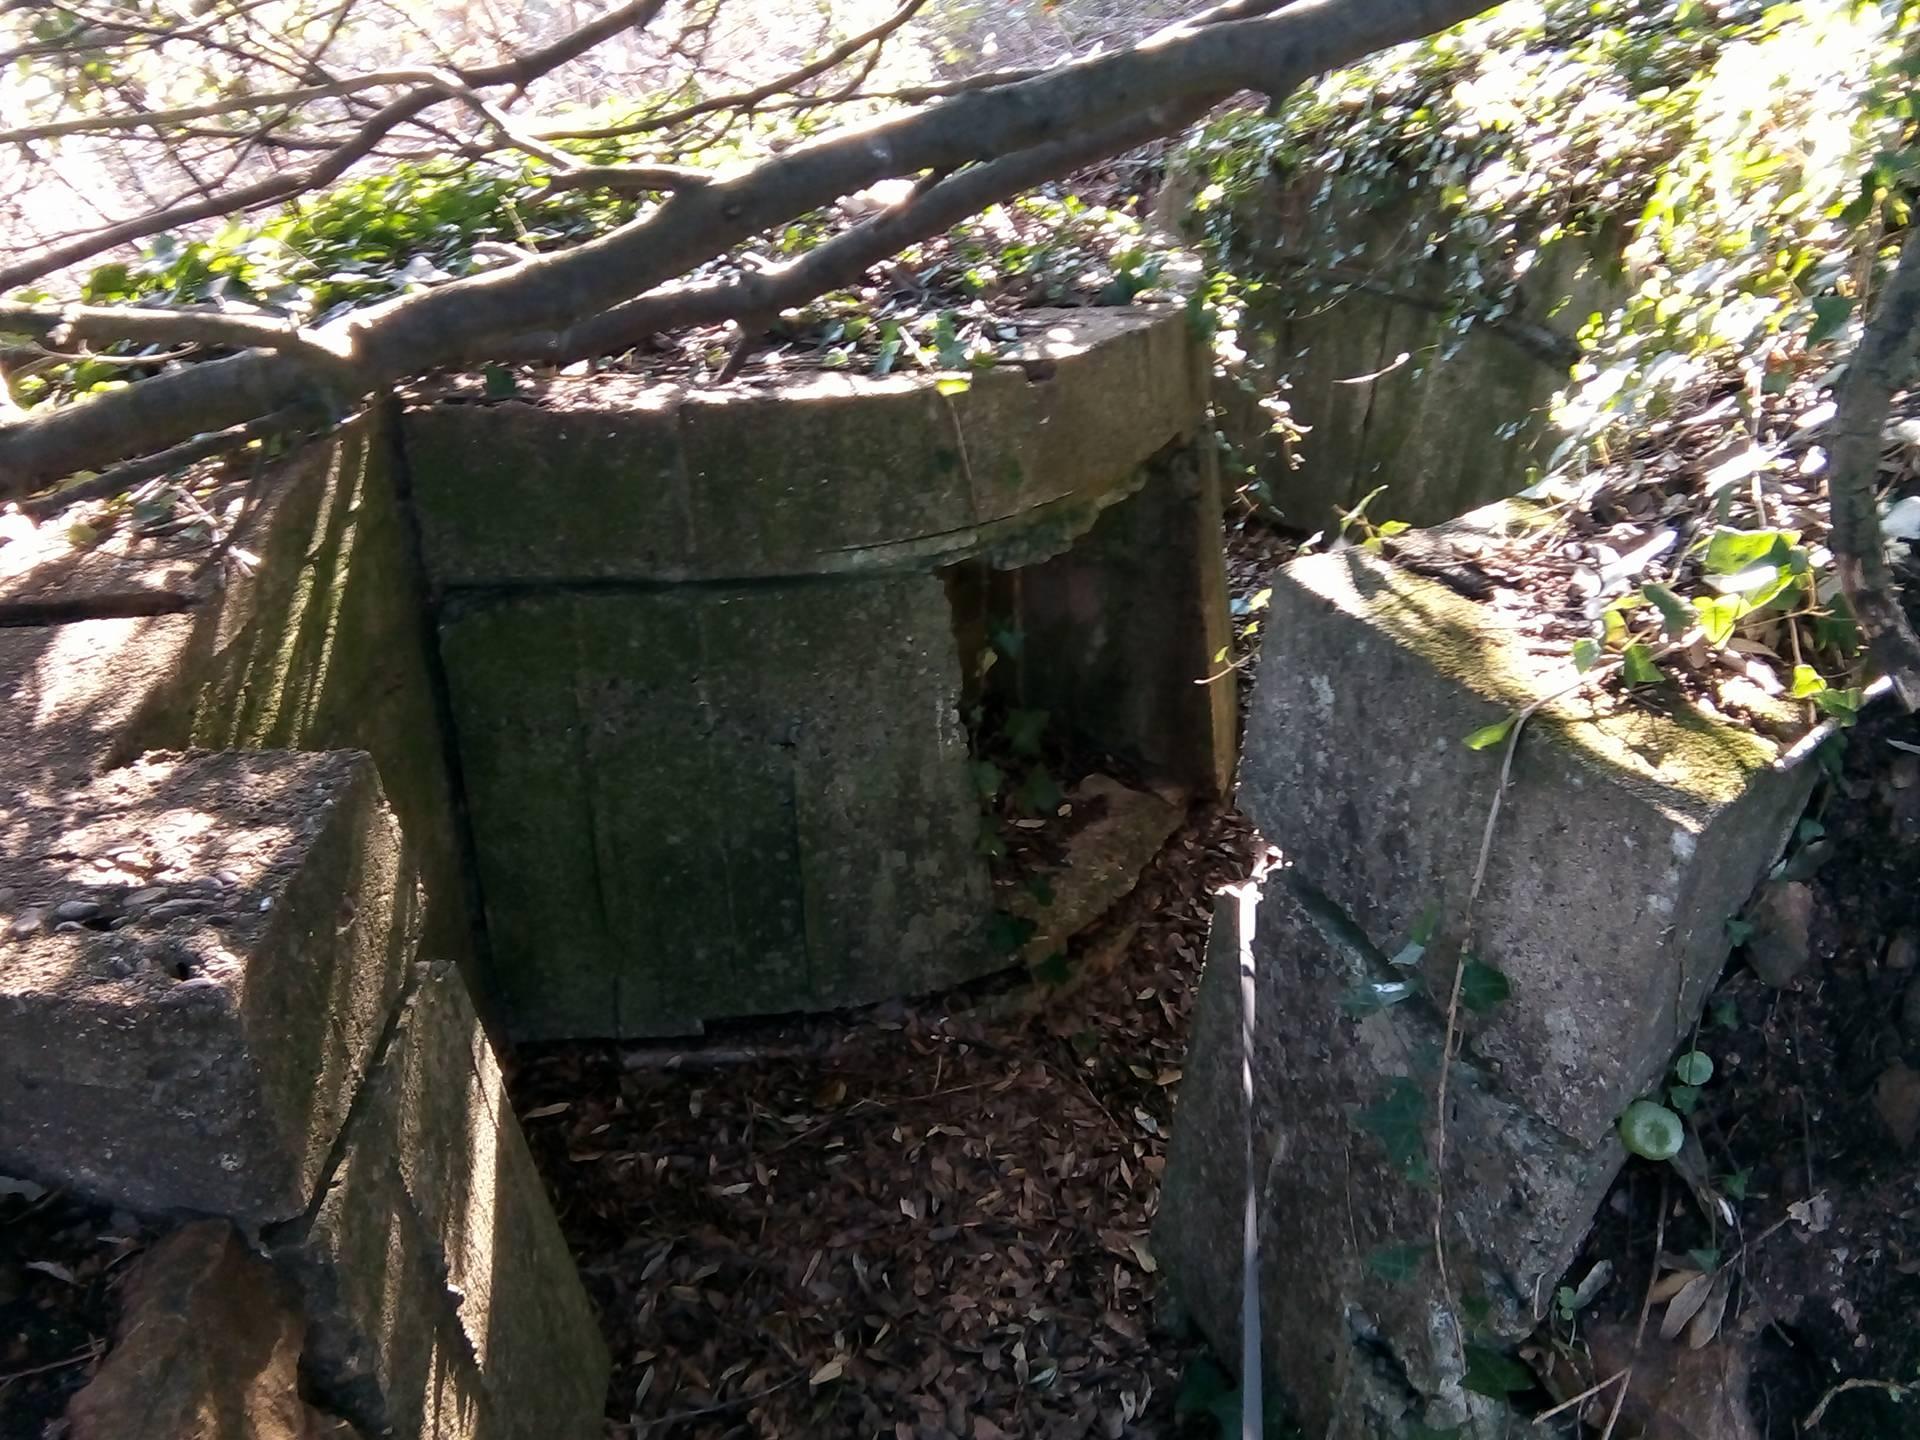 Monty Hiding place